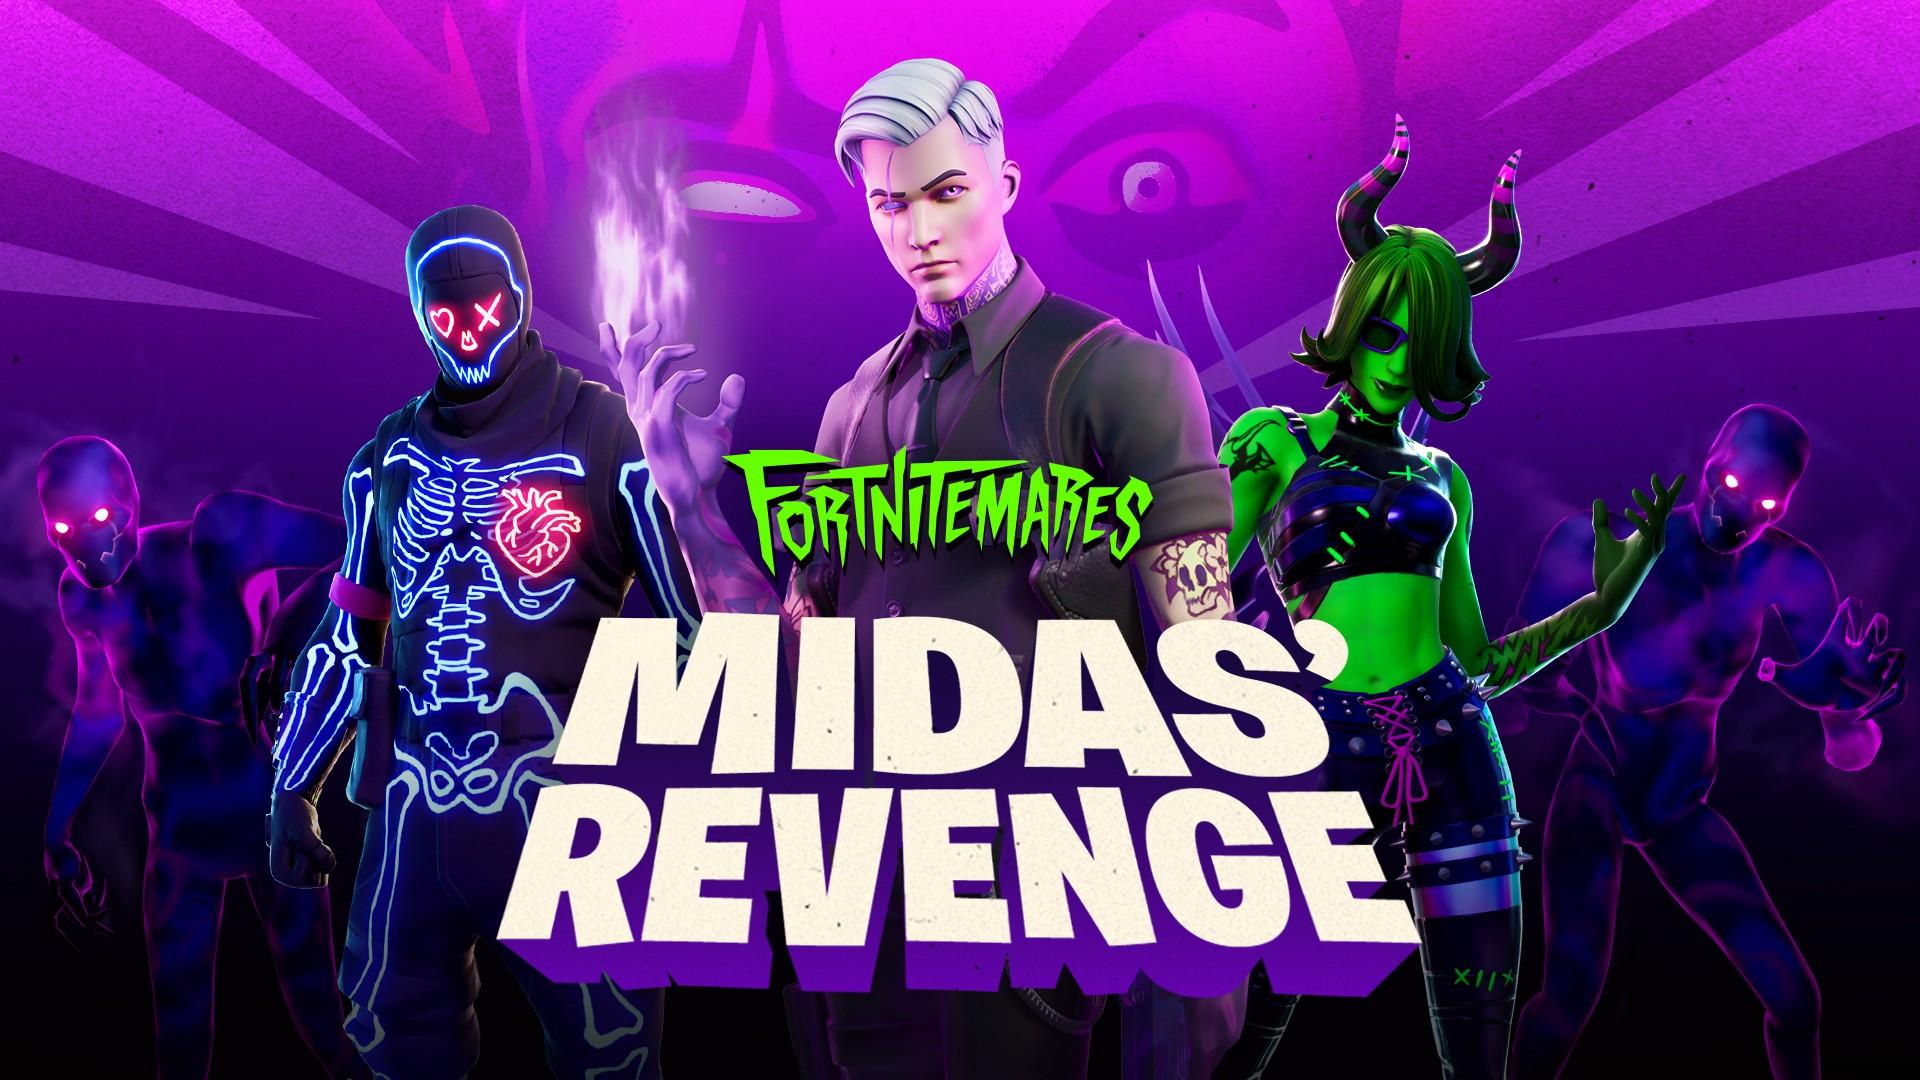 Fortnitemares 2020: Midas' Revenge